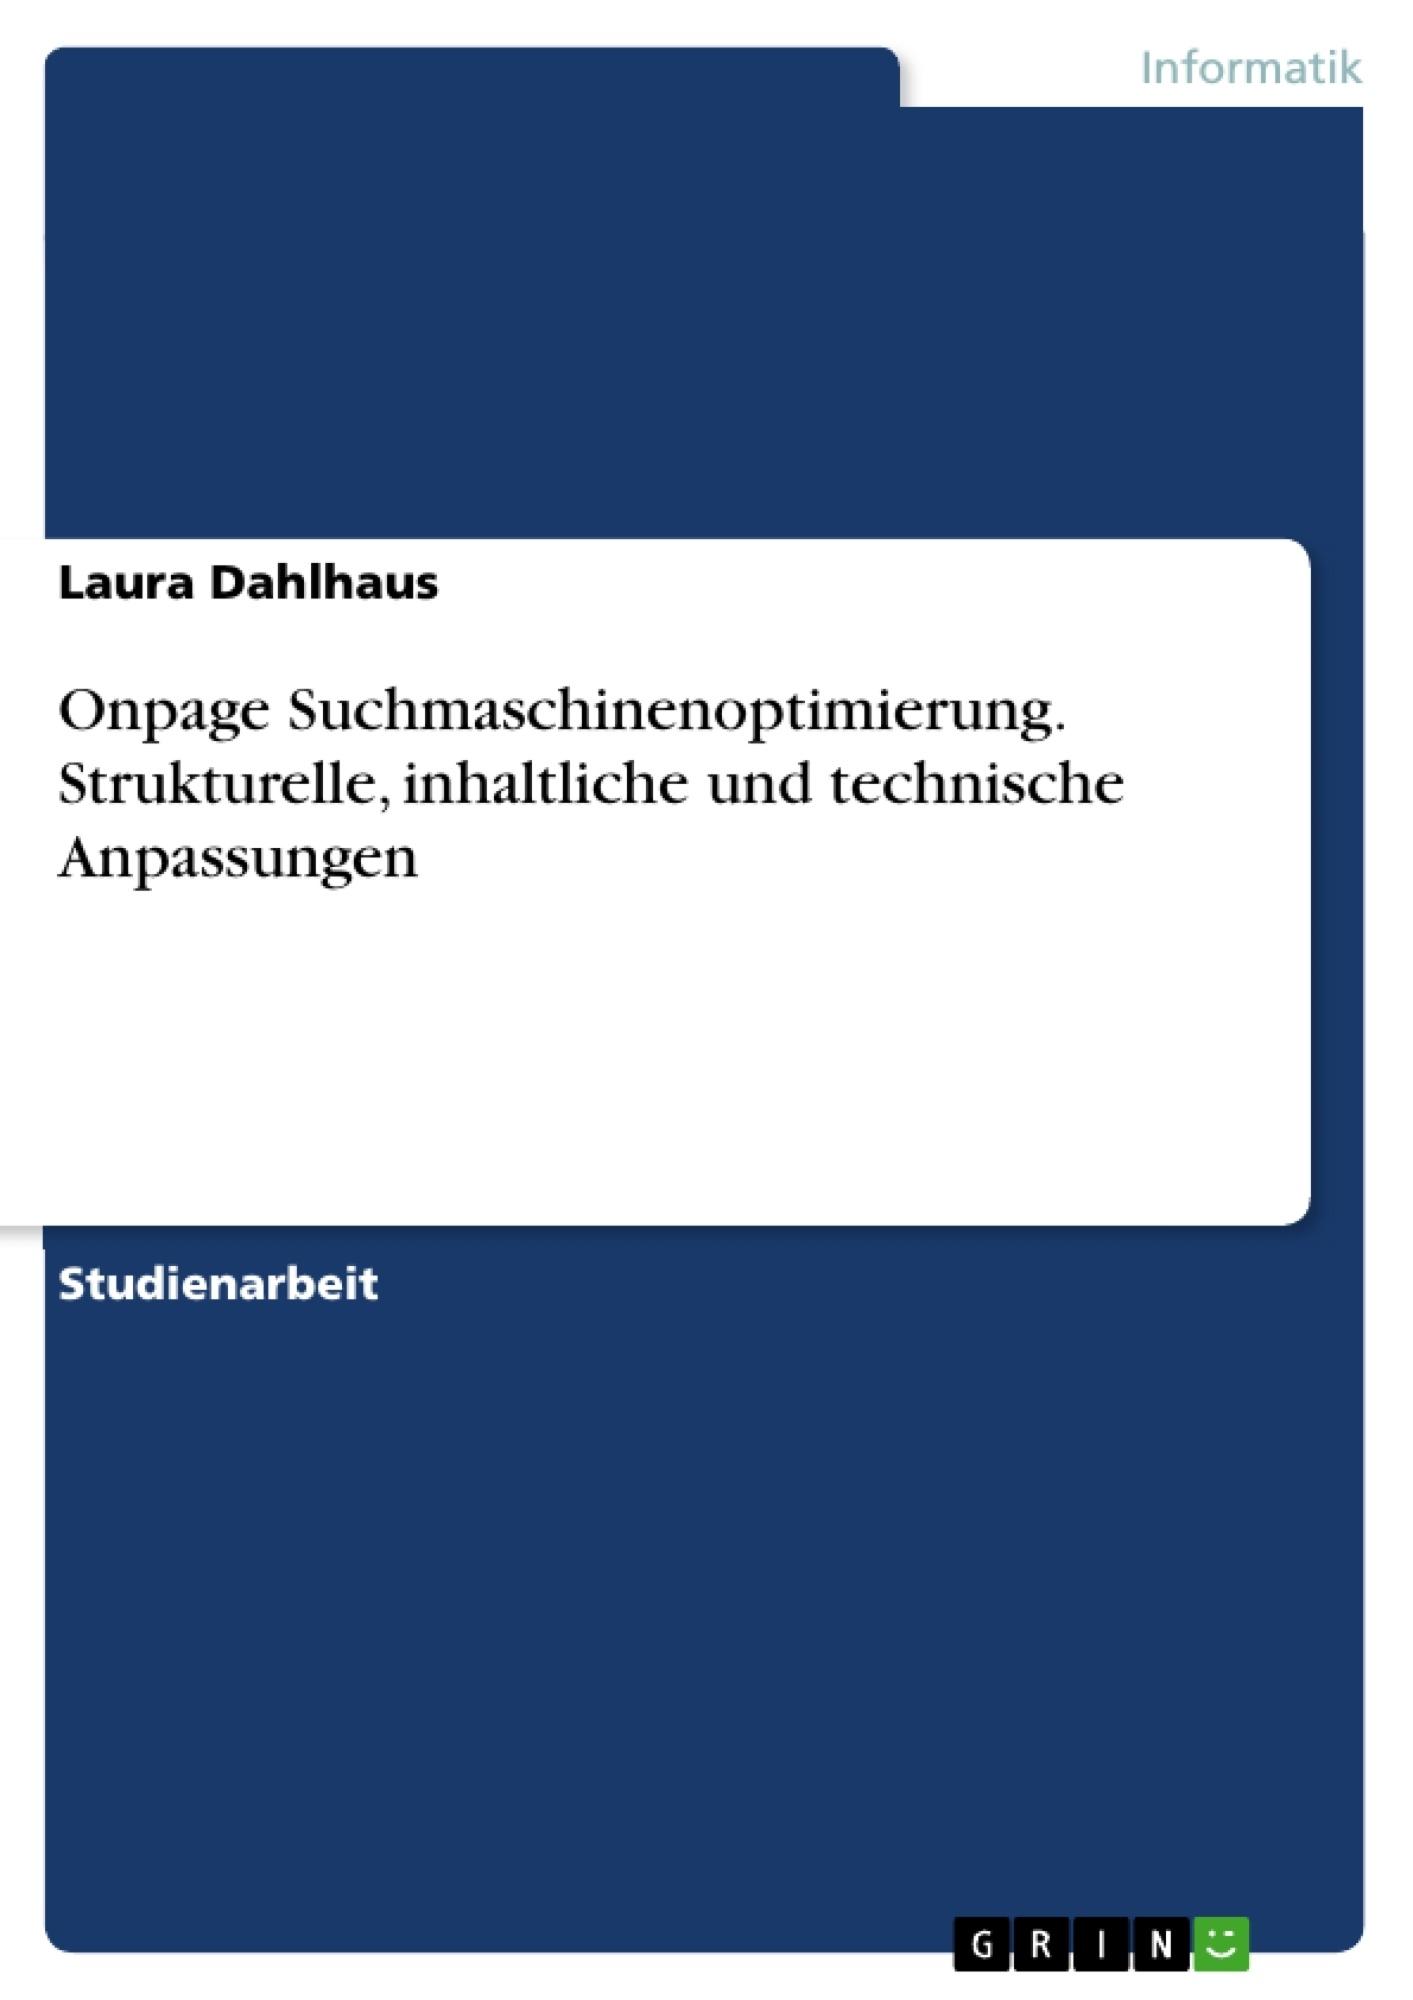 Titel: Onpage Suchmaschinenoptimierung. Strukturelle, inhaltliche und technische Anpassungen